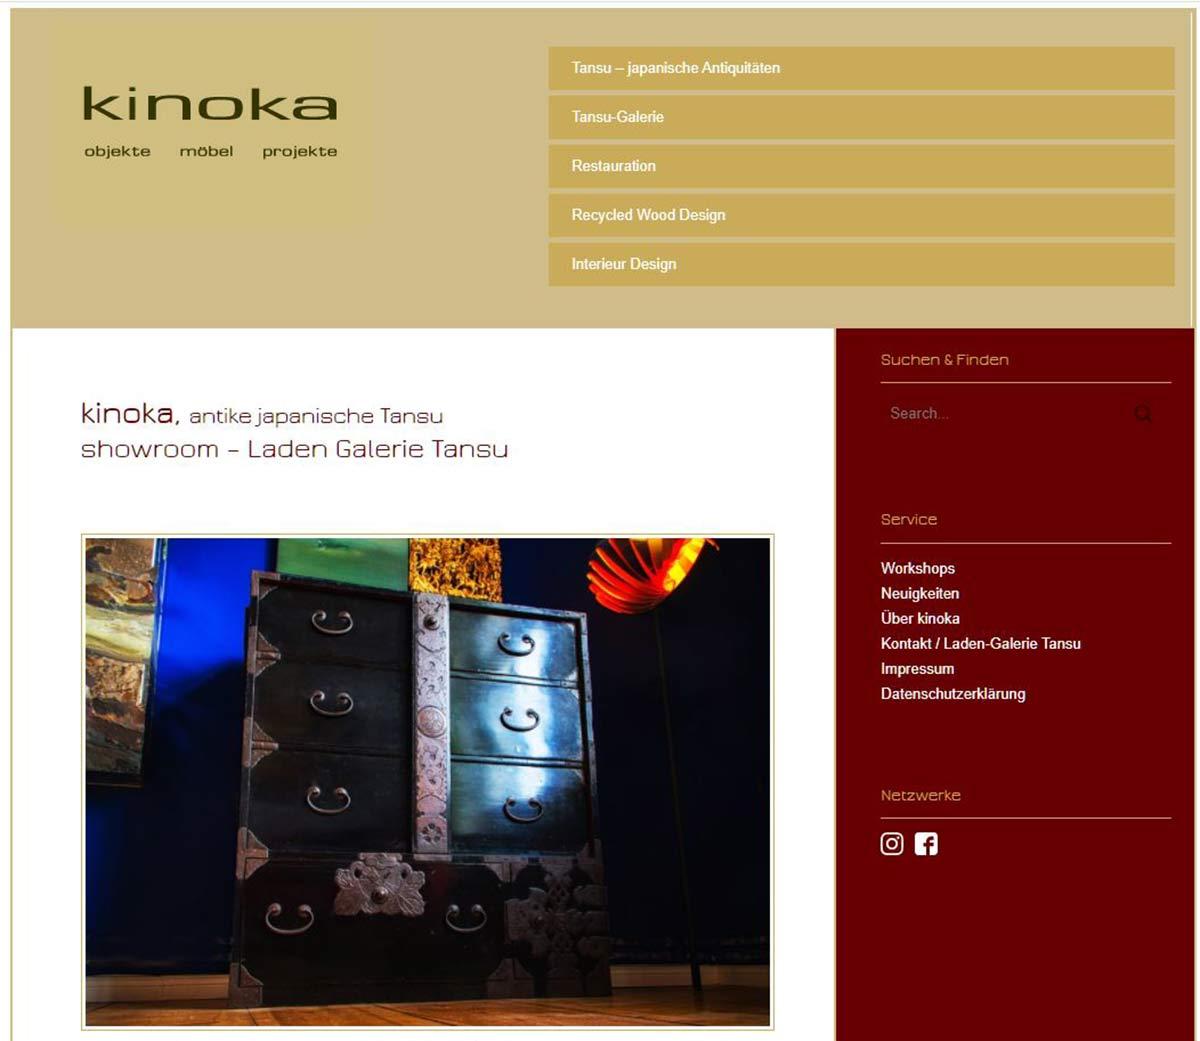 Kinoka Möbeldesign - Startseite